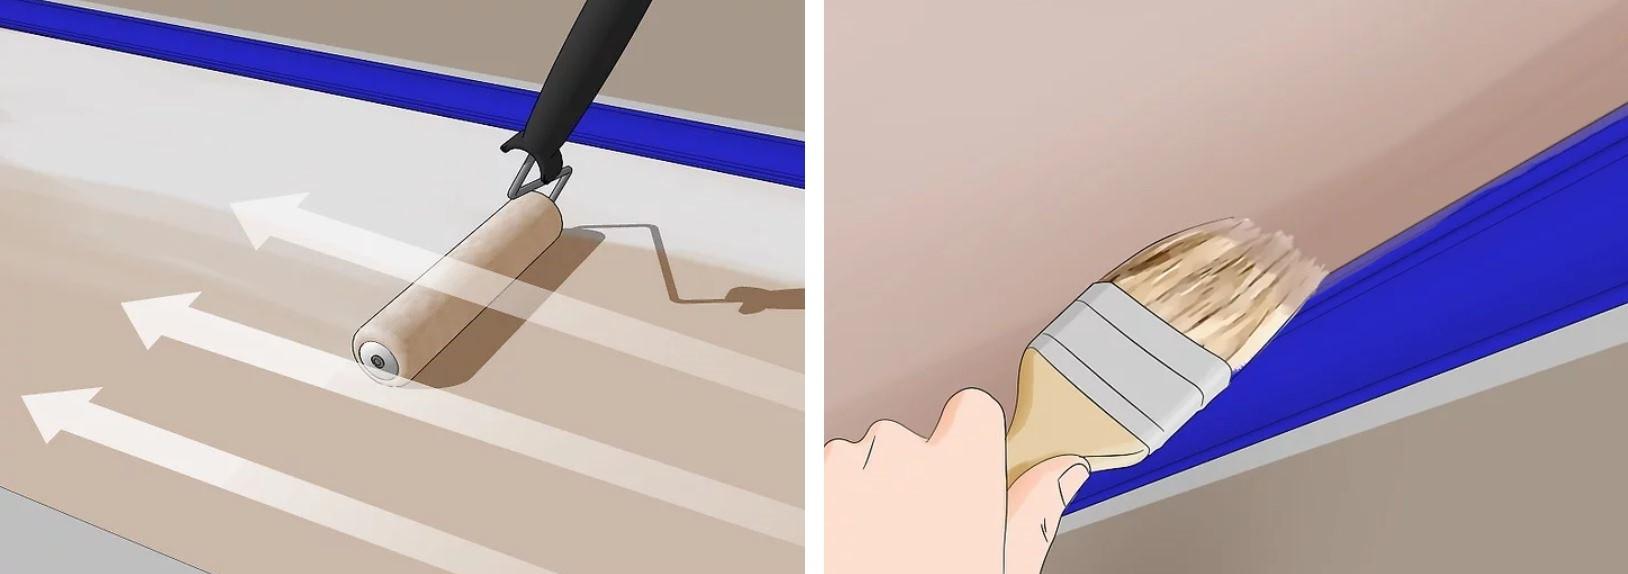 آموزش گام به گام نقاشی ساختمان (قسمت ششم نقاشی سقف) 17